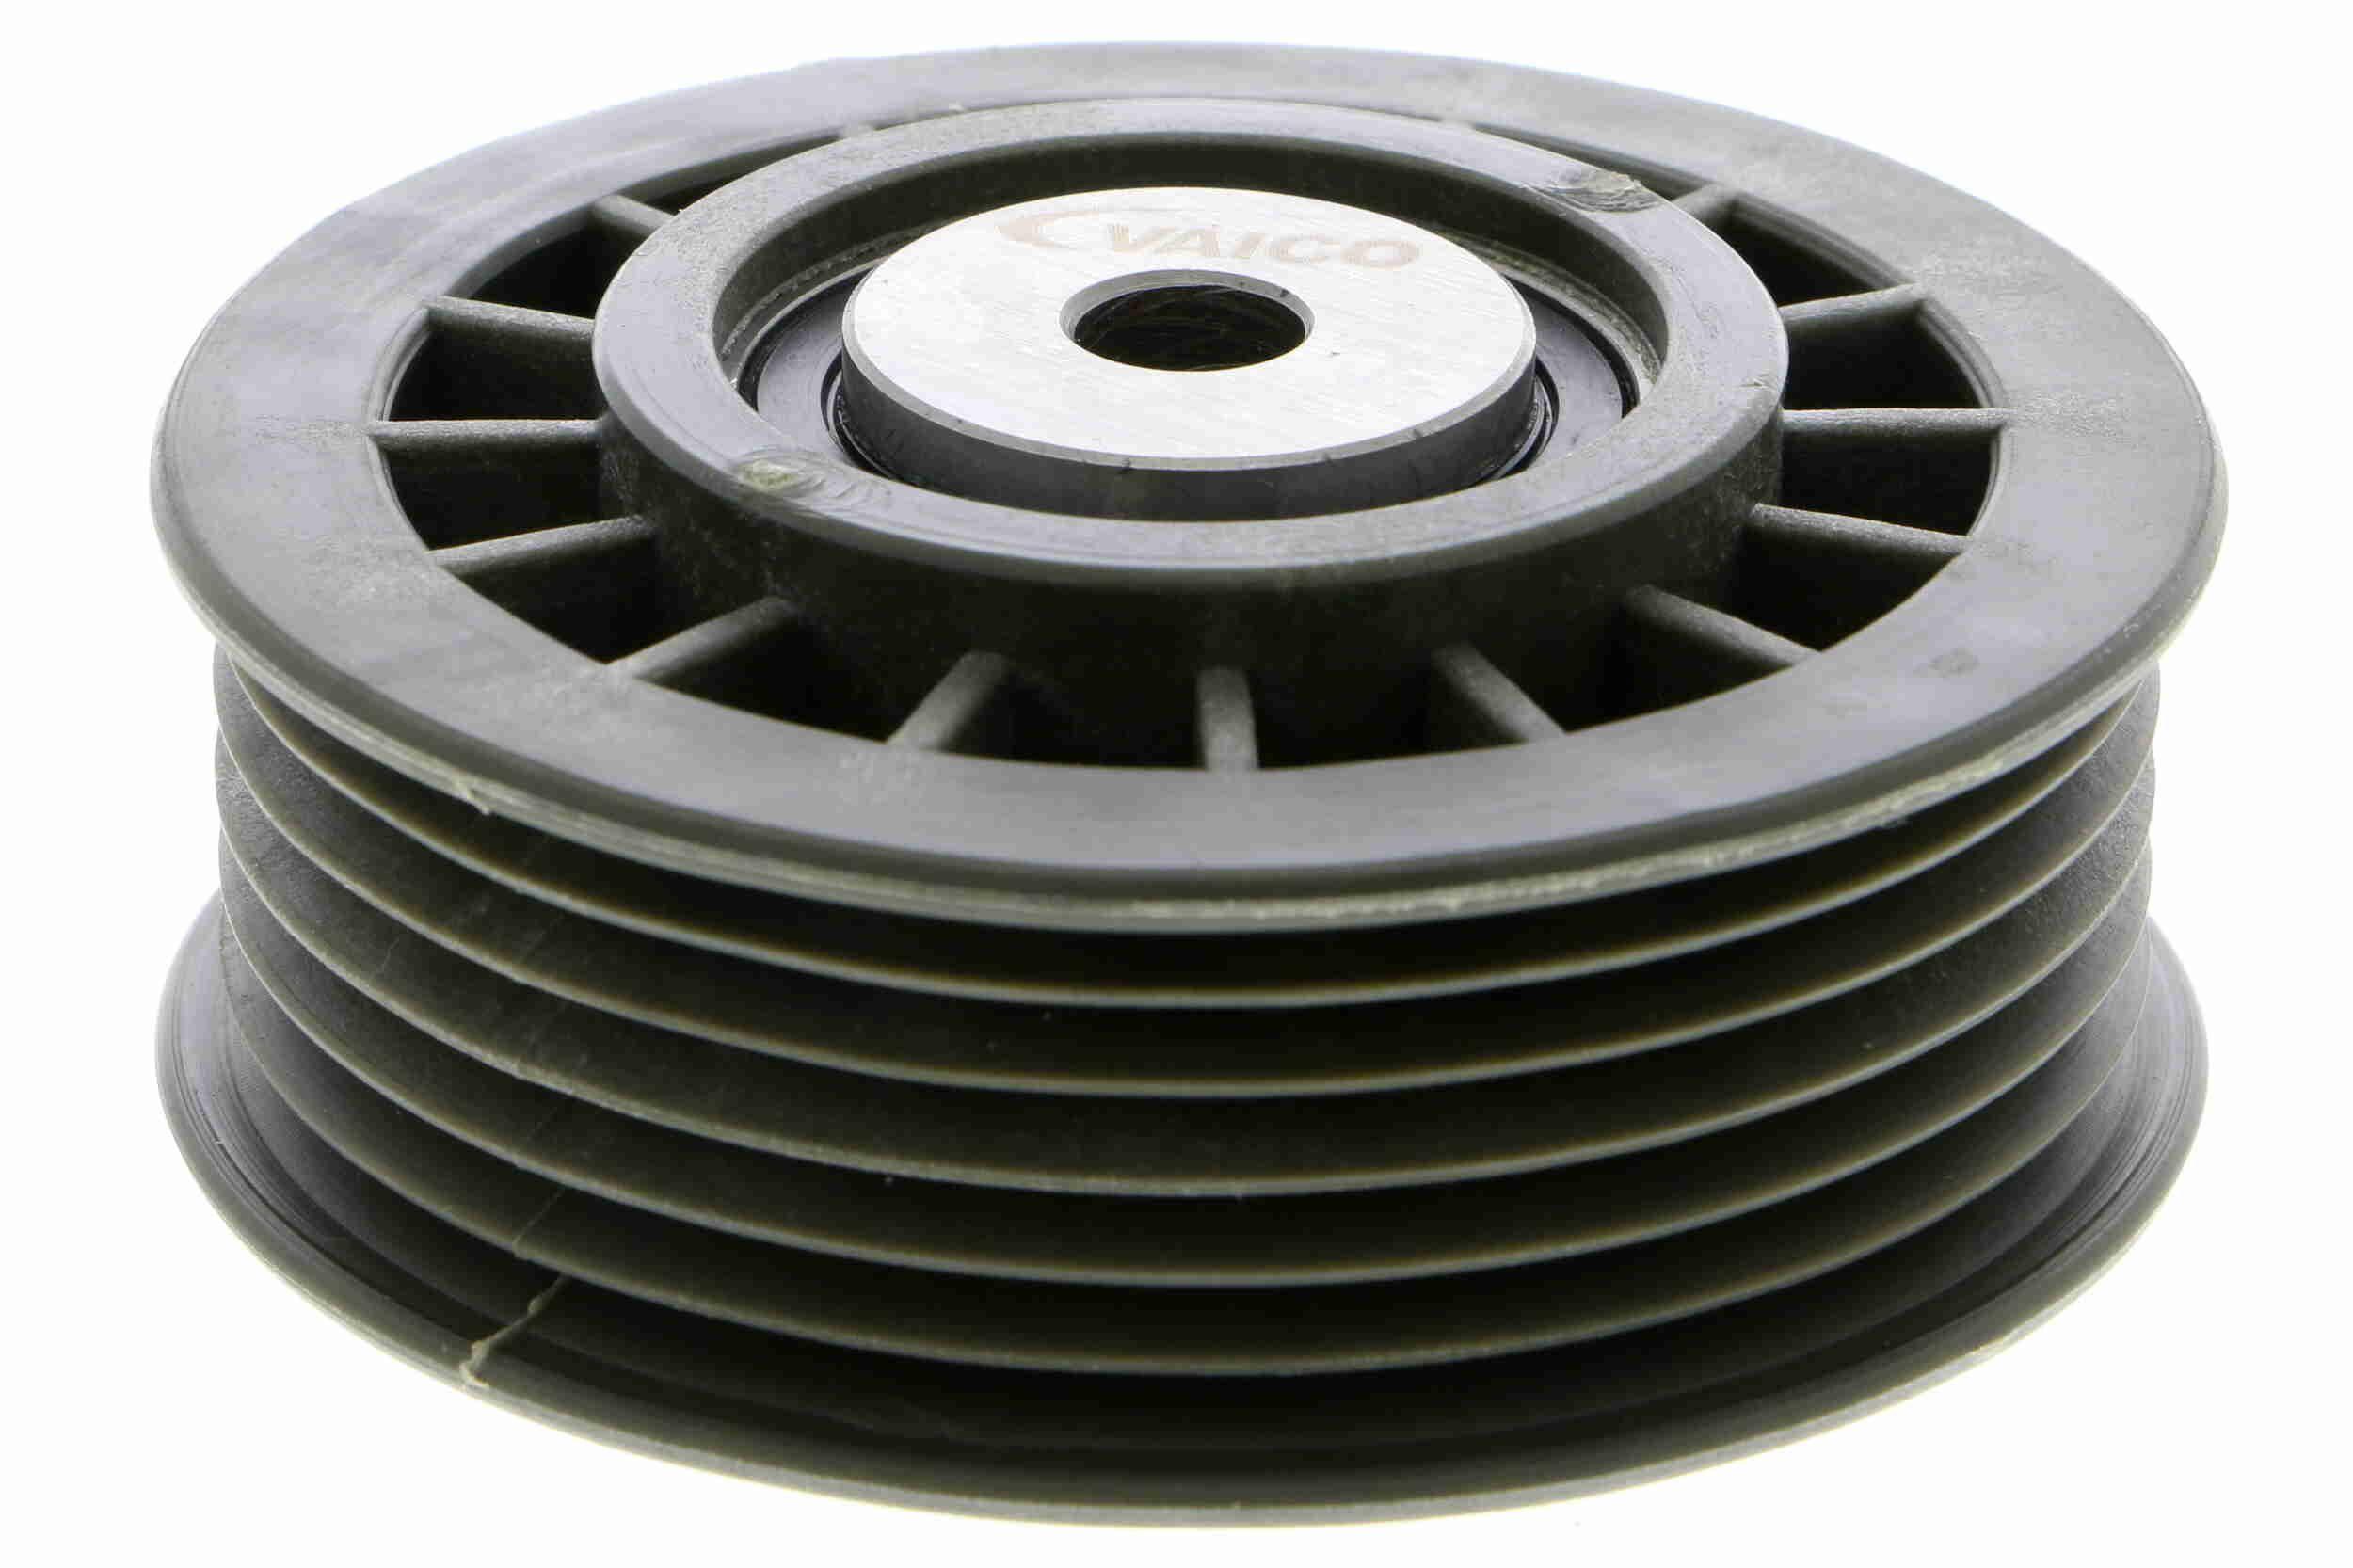 Kup VAICO Rolka kierunkowa / prowadząca, pasek klinowy zębaty V30-0131-1 ciężarówki